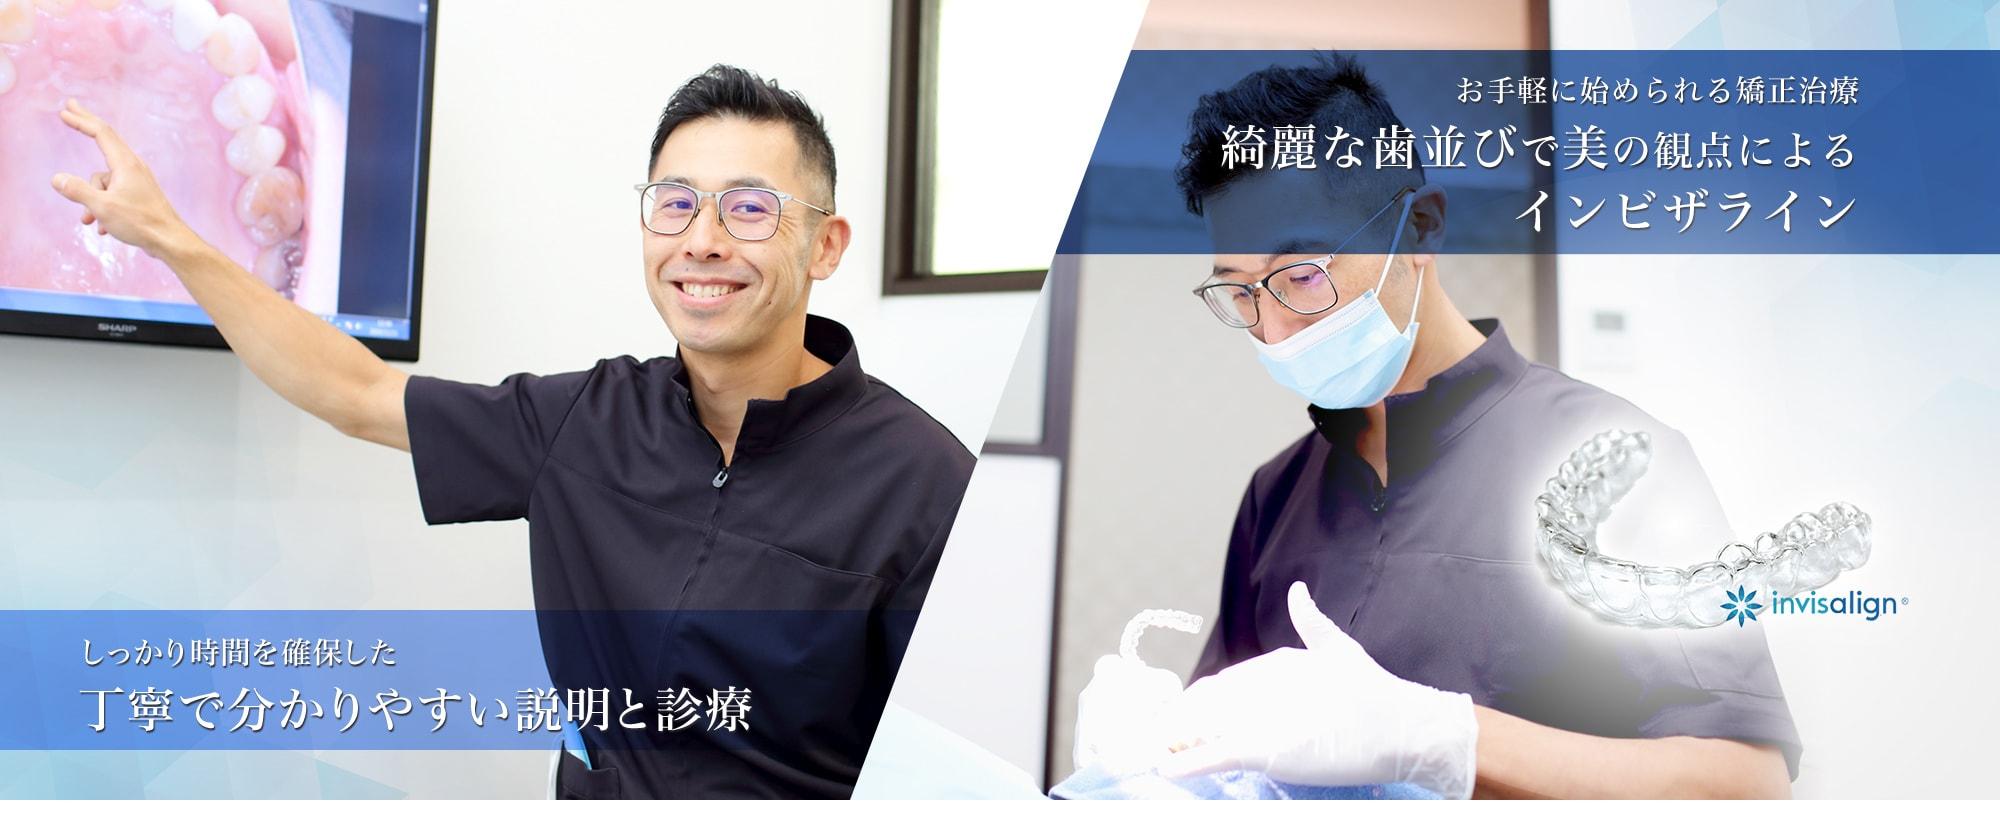 しっかり時間を確保した 丁寧で分かりやすい説明と診療 きれいな歯並びとしっかりした咬み合わせ 予防の観点による矯正治療